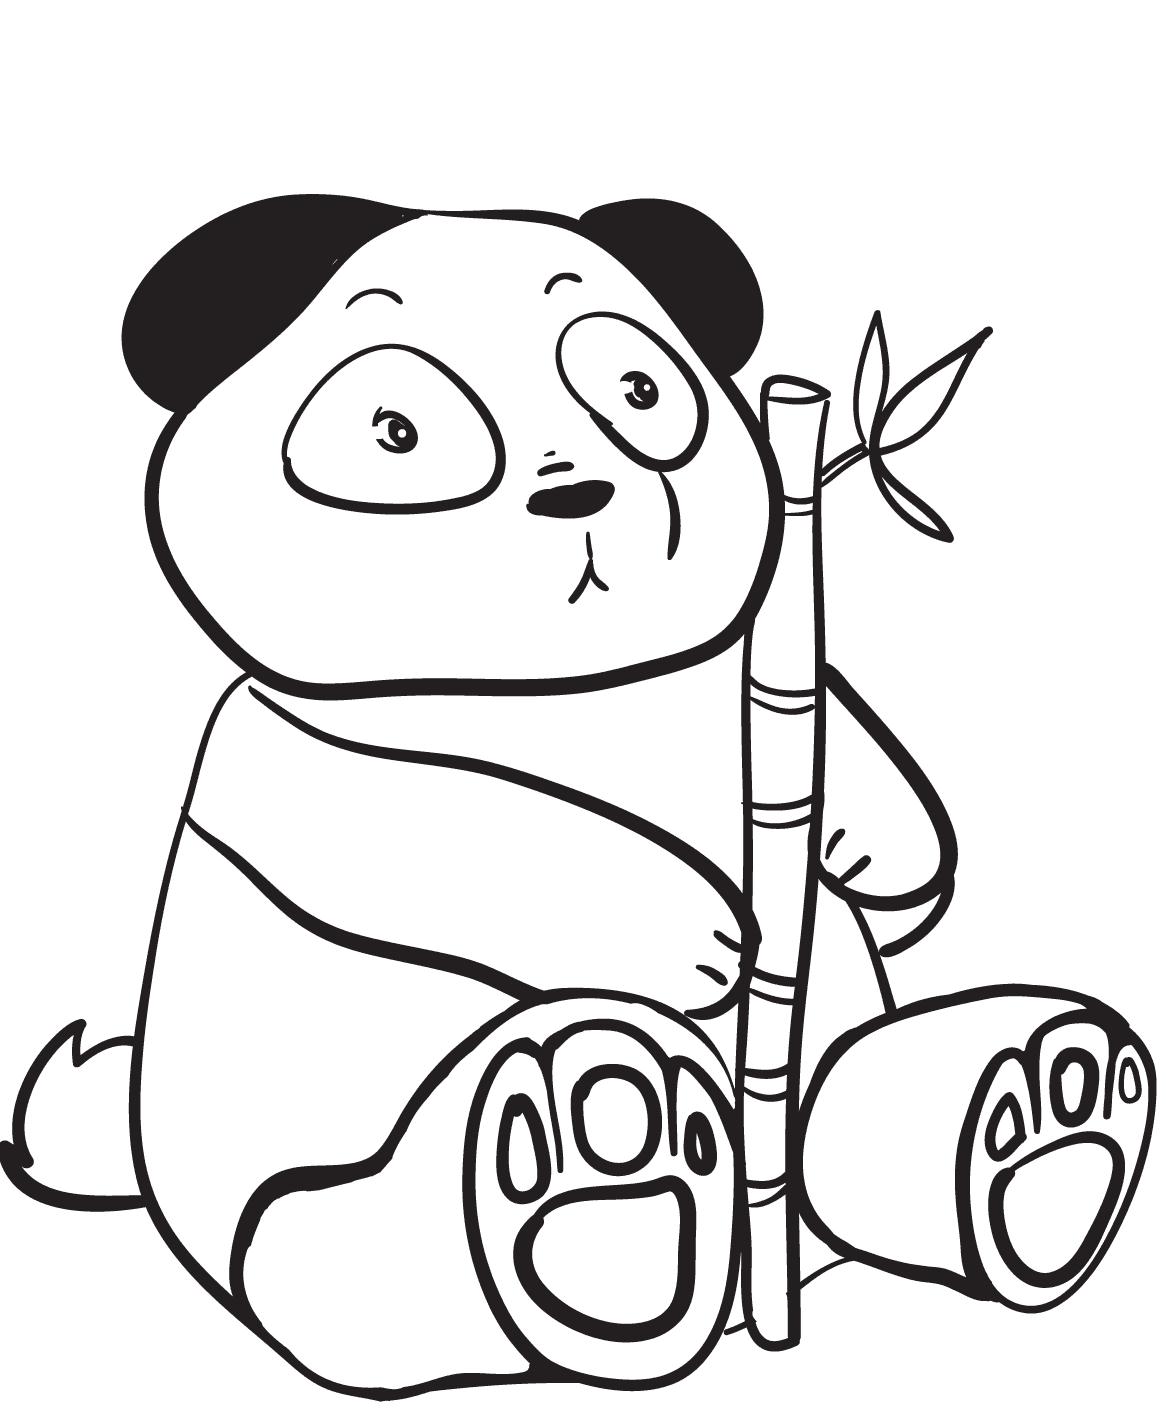 Surprised Panda Coloring Page